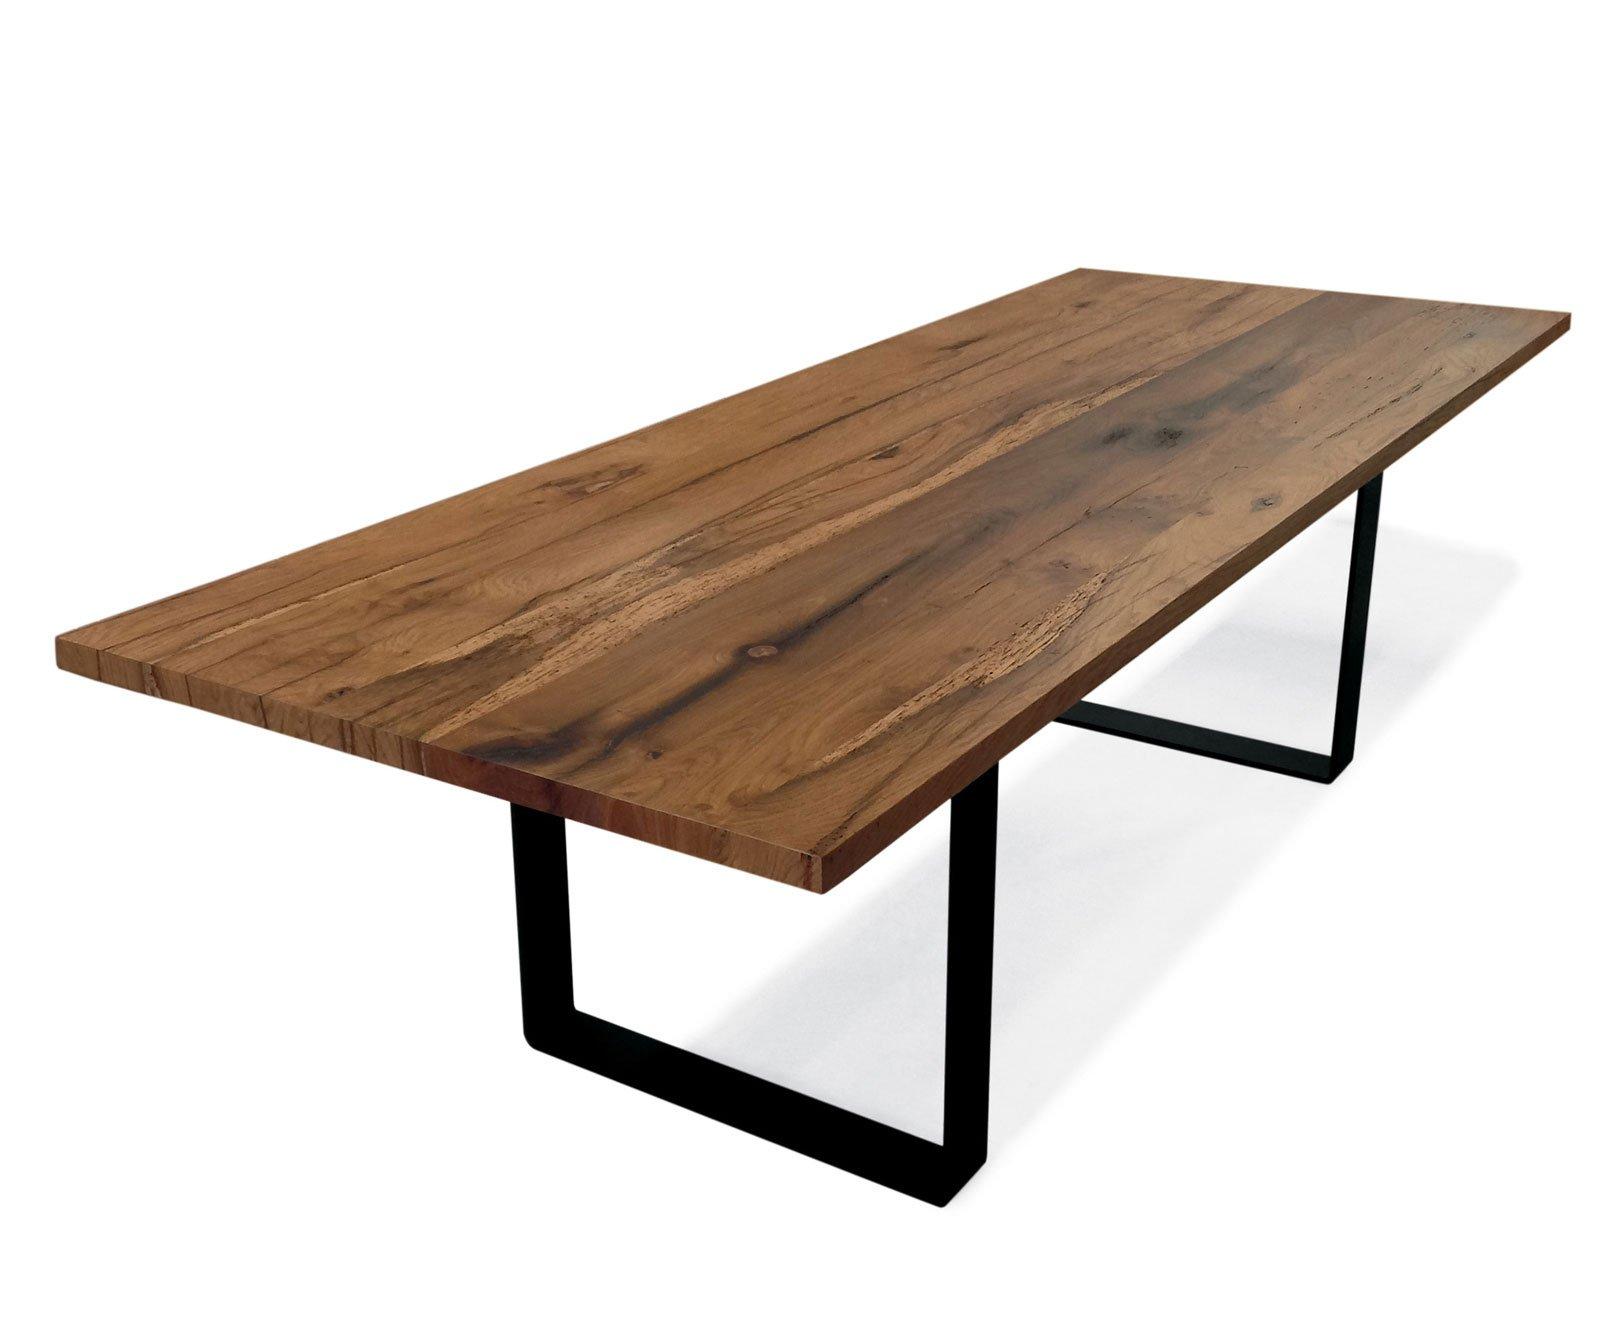 Tavoli al salone del mobile 2015 prevale l 39 essenzialit for Piani di casa in metallo